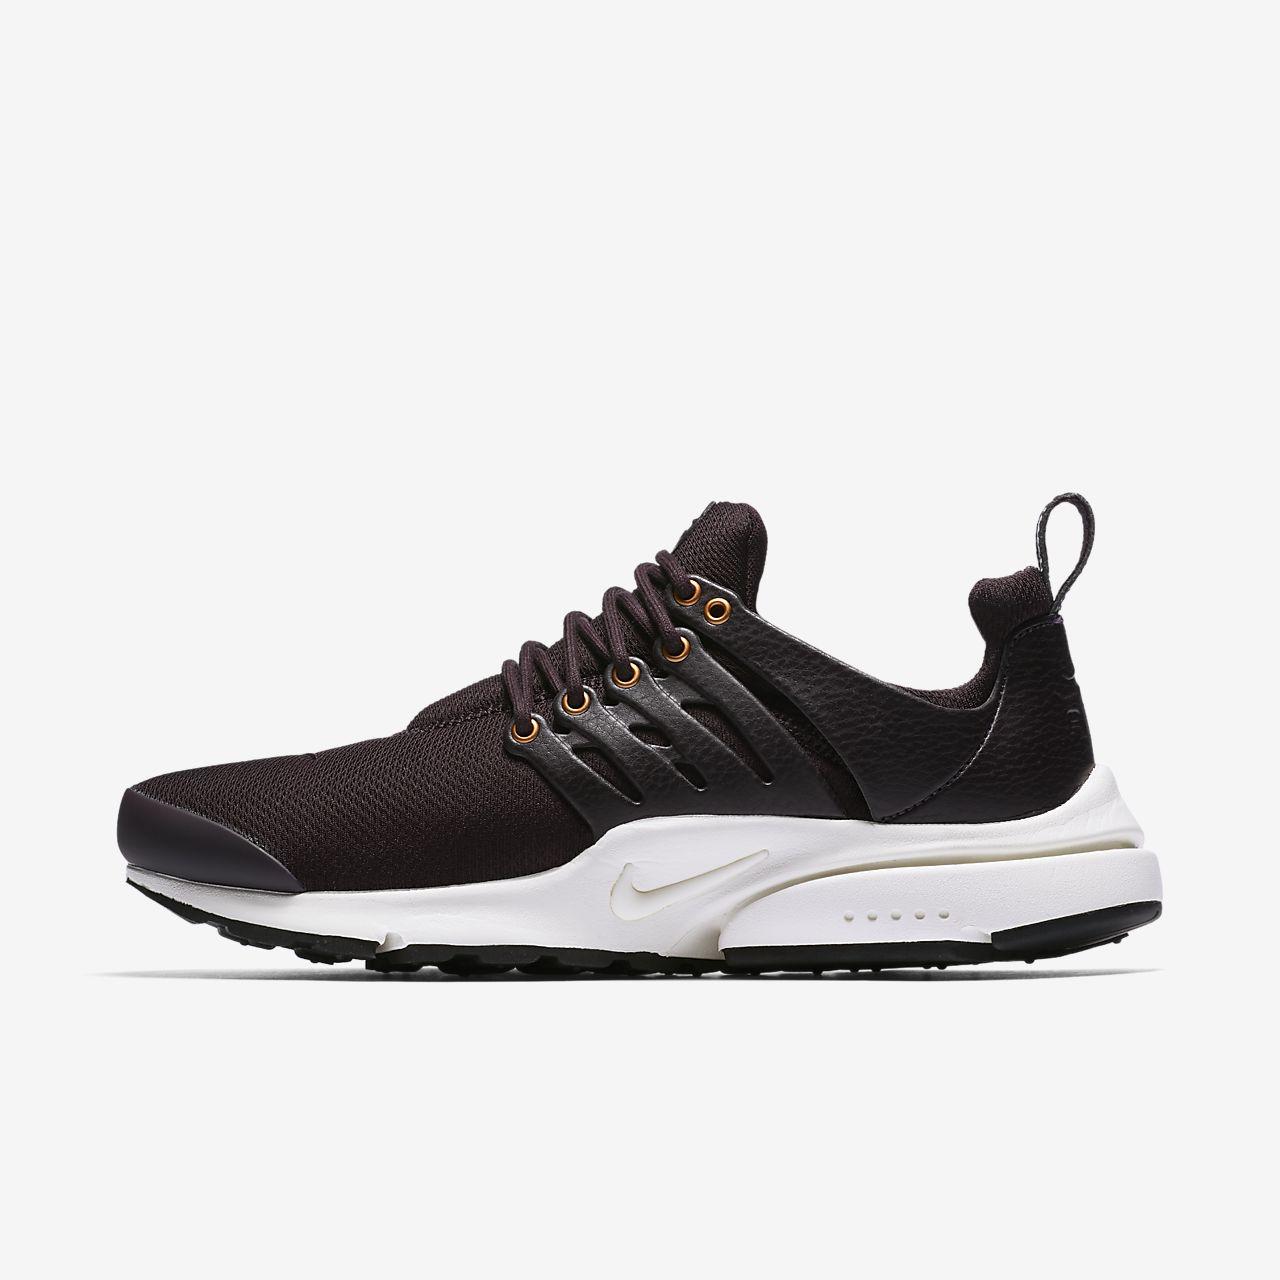 6de4cb249162 Nike Air Presto Premium Men s Shoe. Nike.com